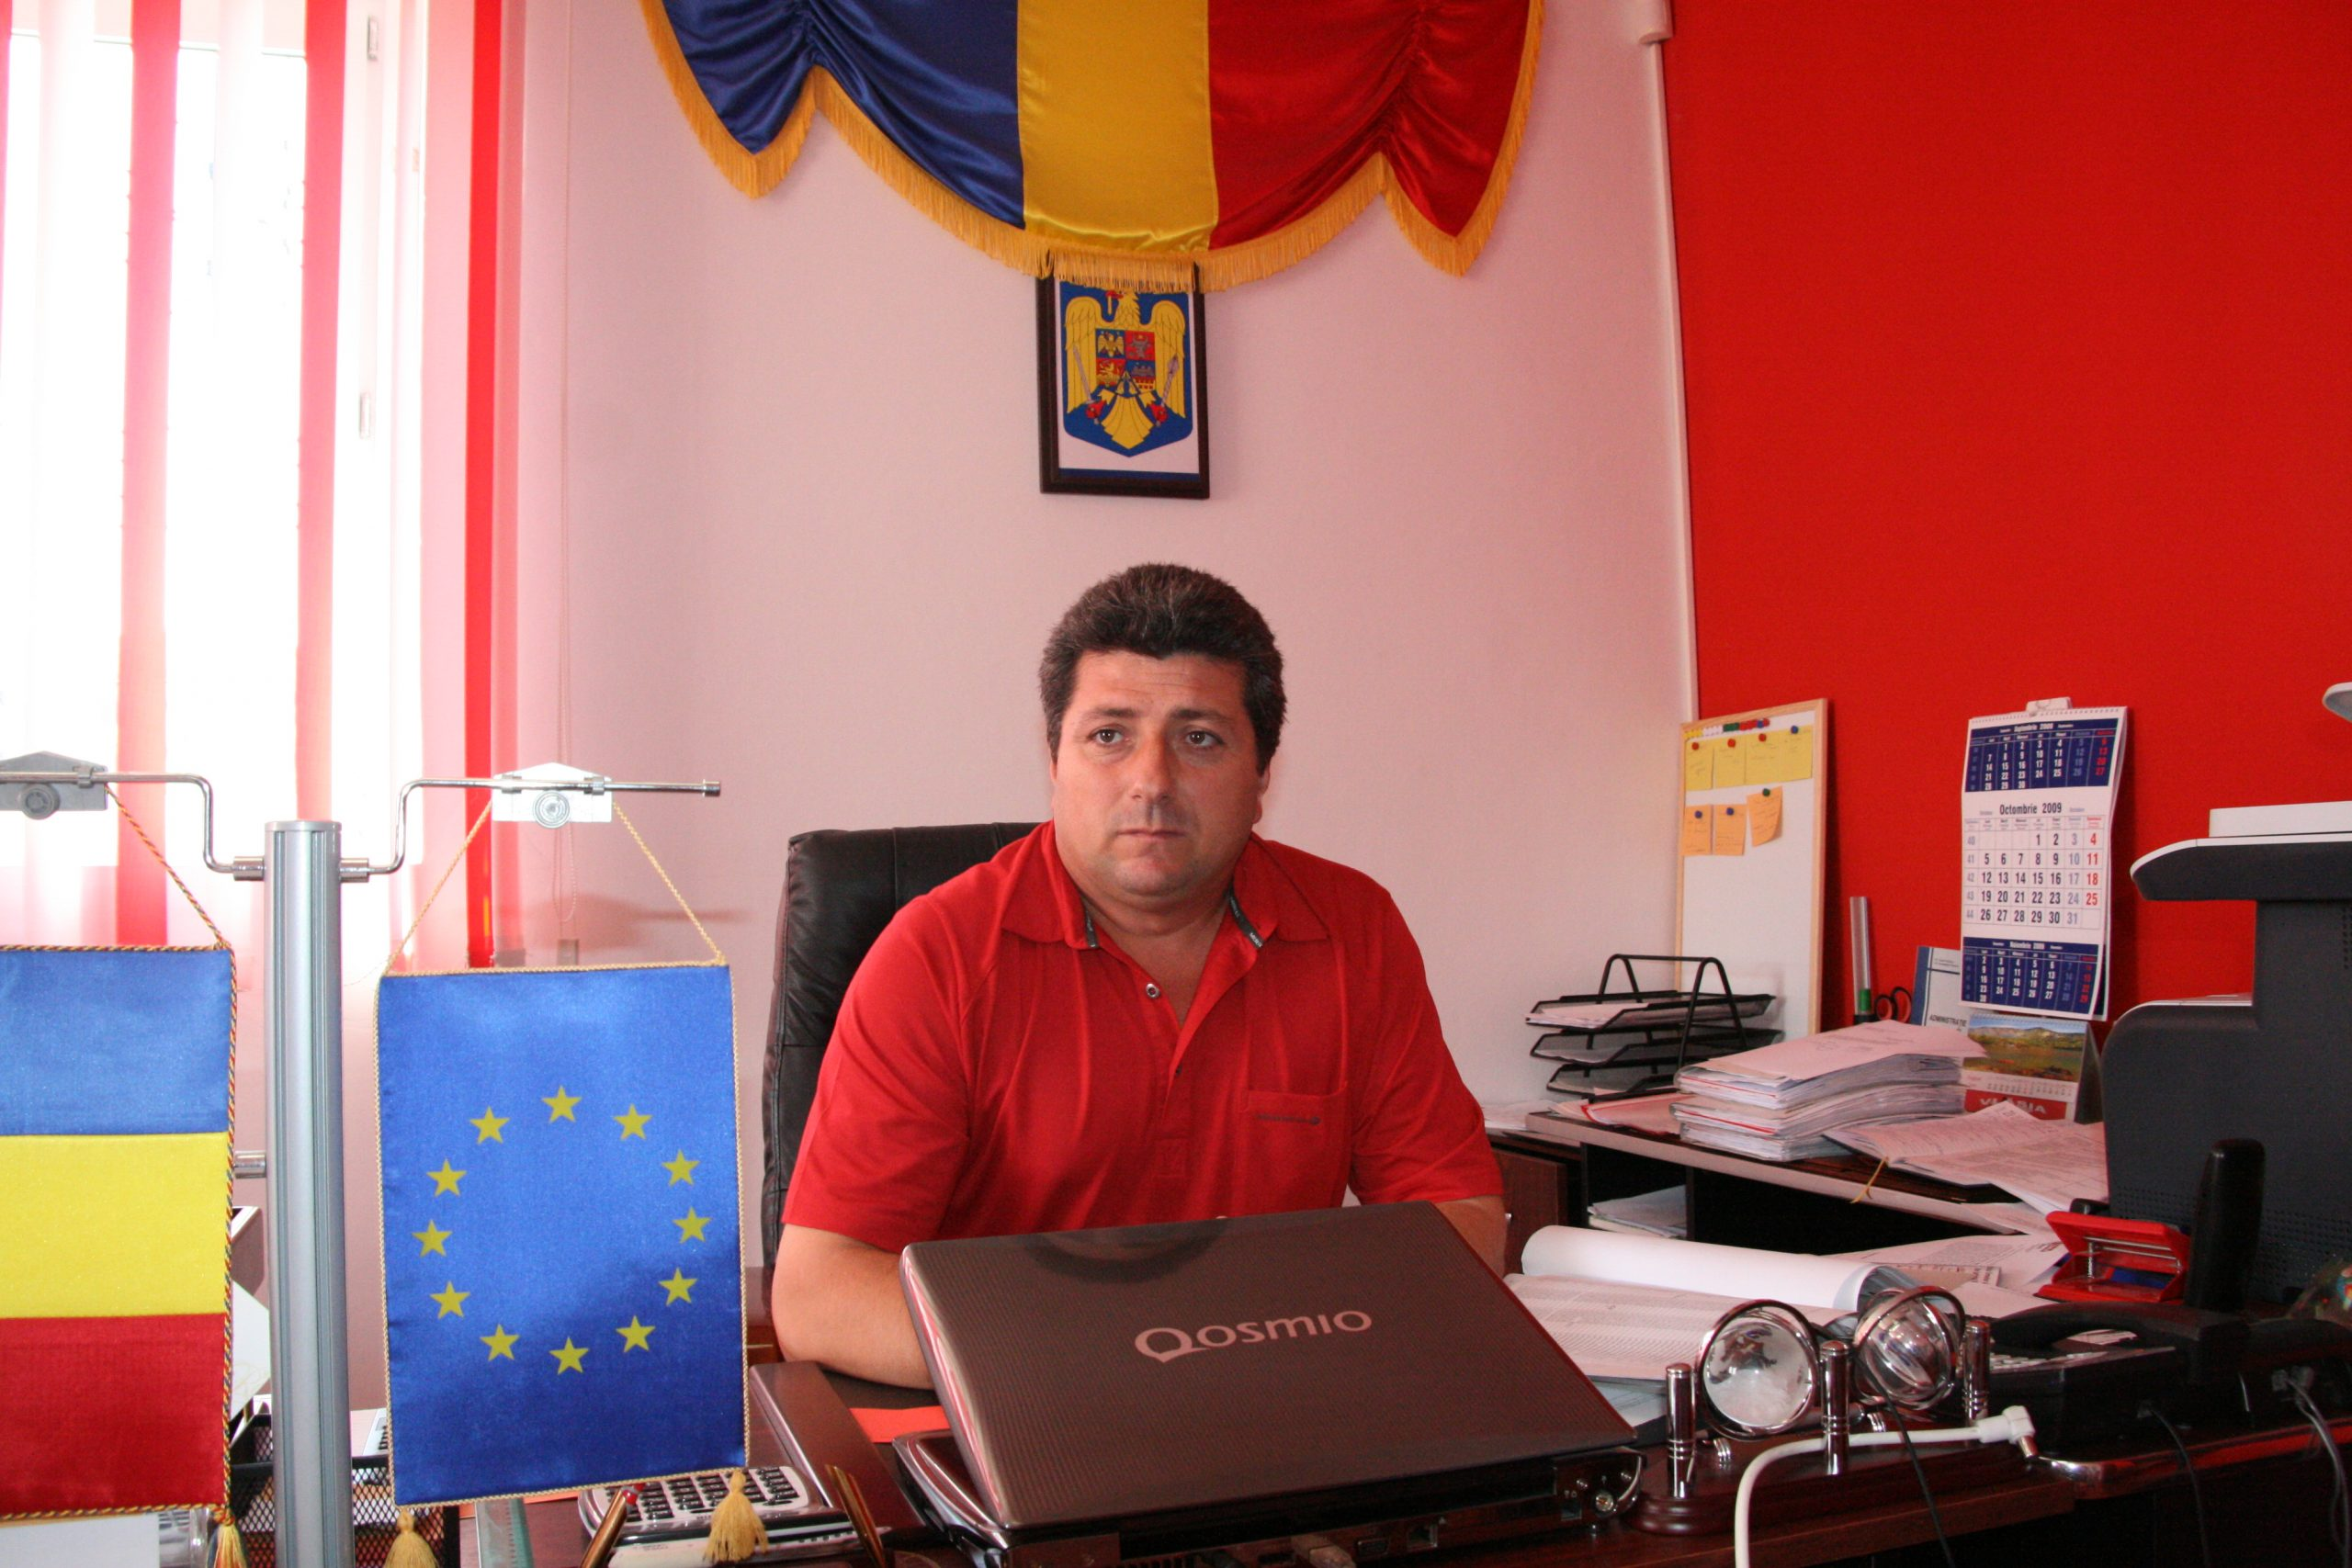 """Nicolae Concioiu: """"Haideţi să dezvoltăm în mod echilibrat judeţul """""""